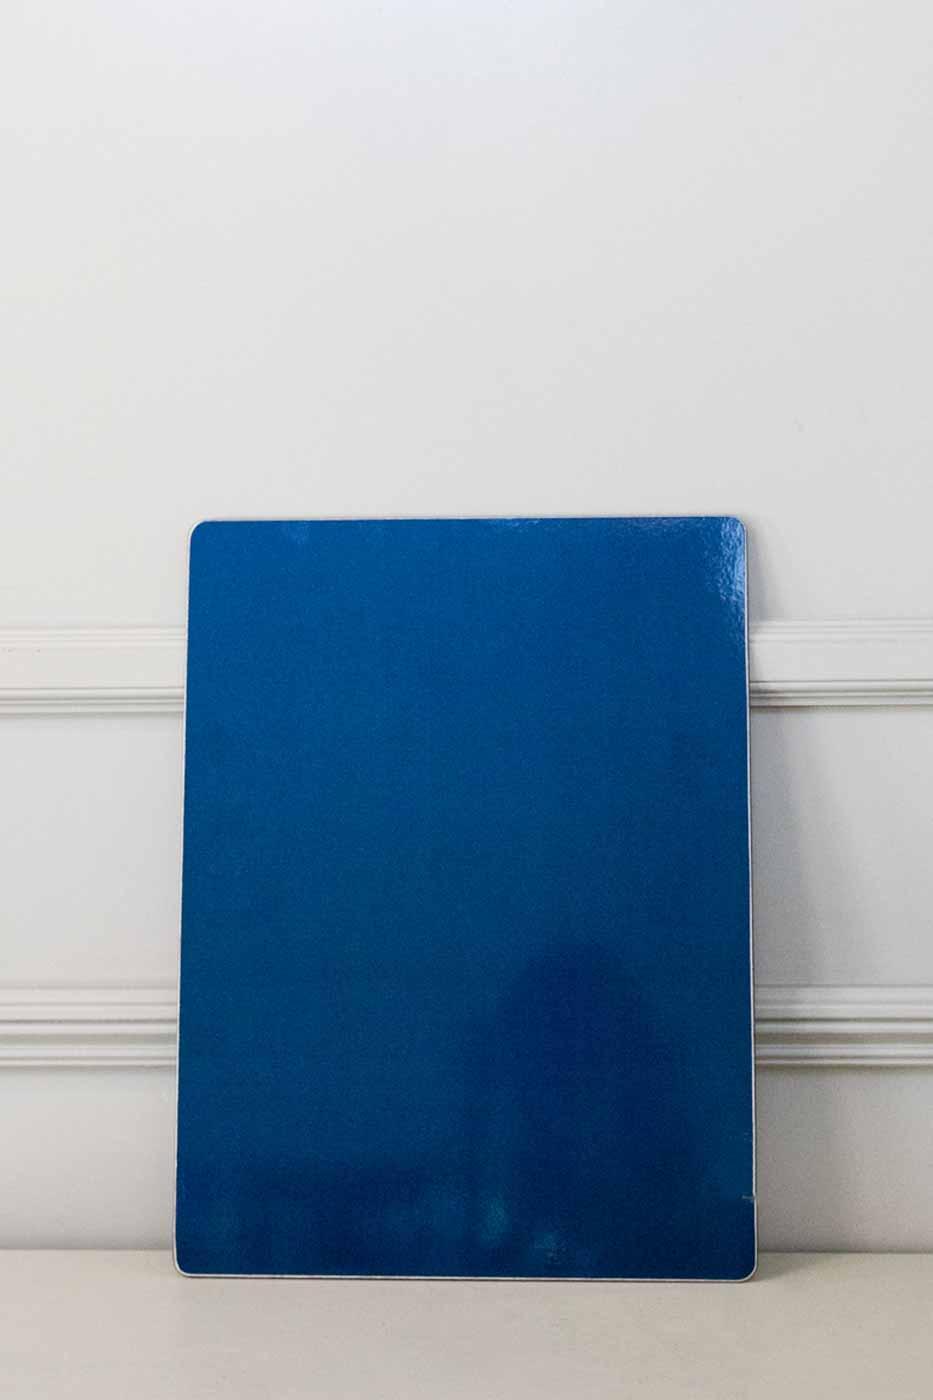 Bordstablett enchanted blå